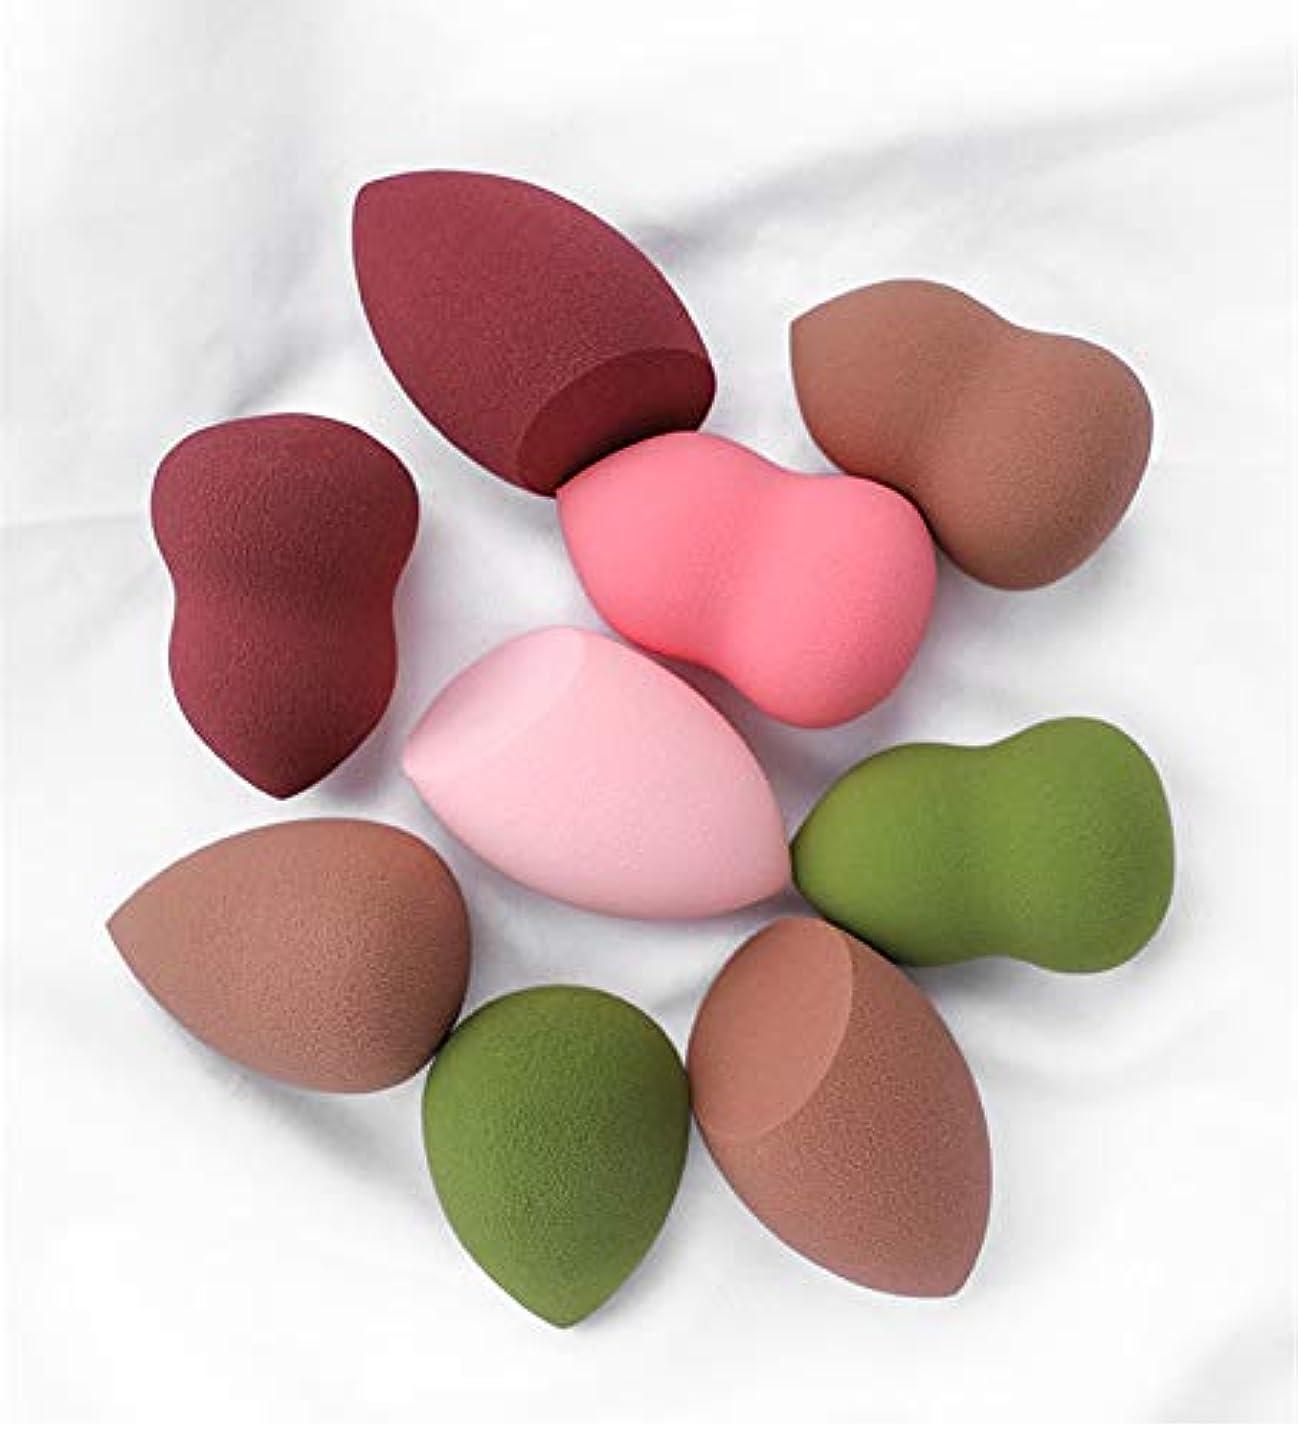 チャンピオンシップ材料心理的Sweetimes メイクスポンジ スポンジパフ 化粧 2色3形6点セット No.129